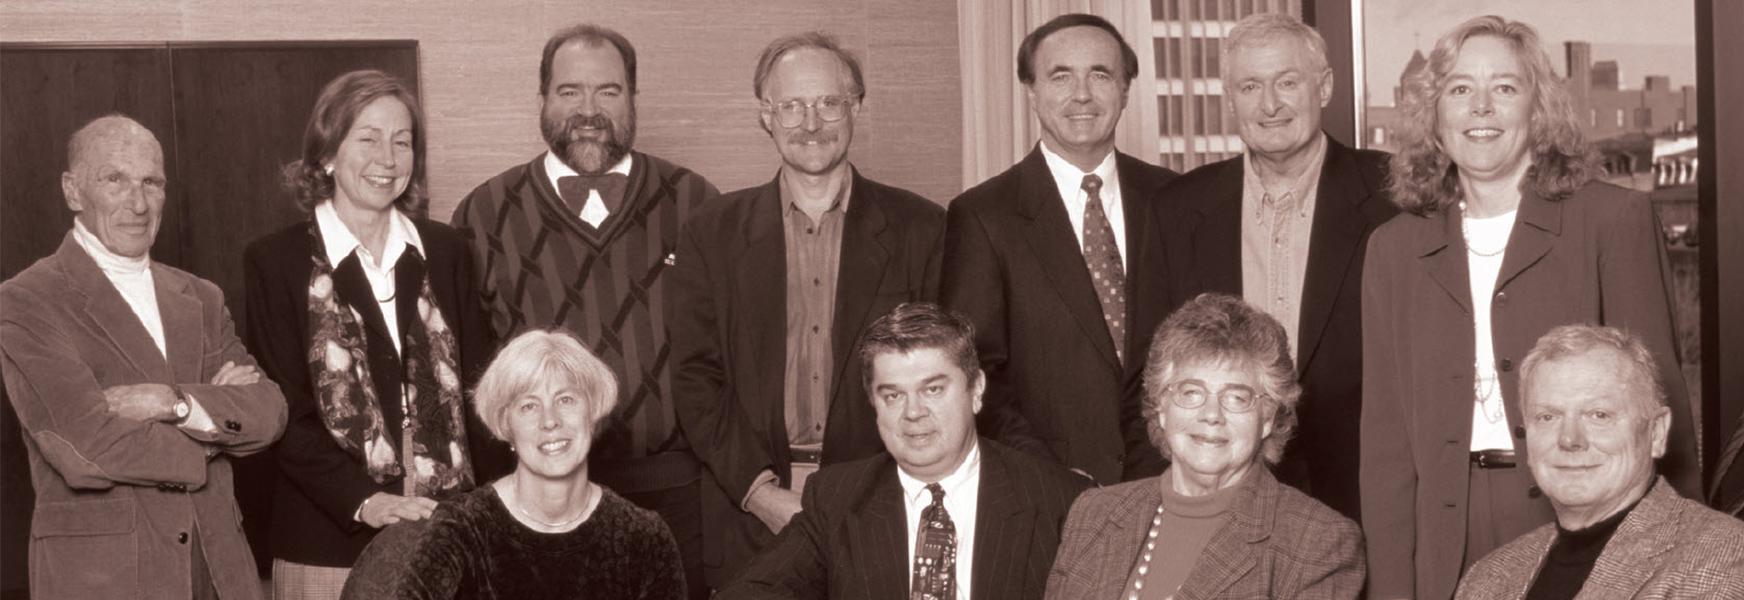 MEMIC Board of Directors from 1998